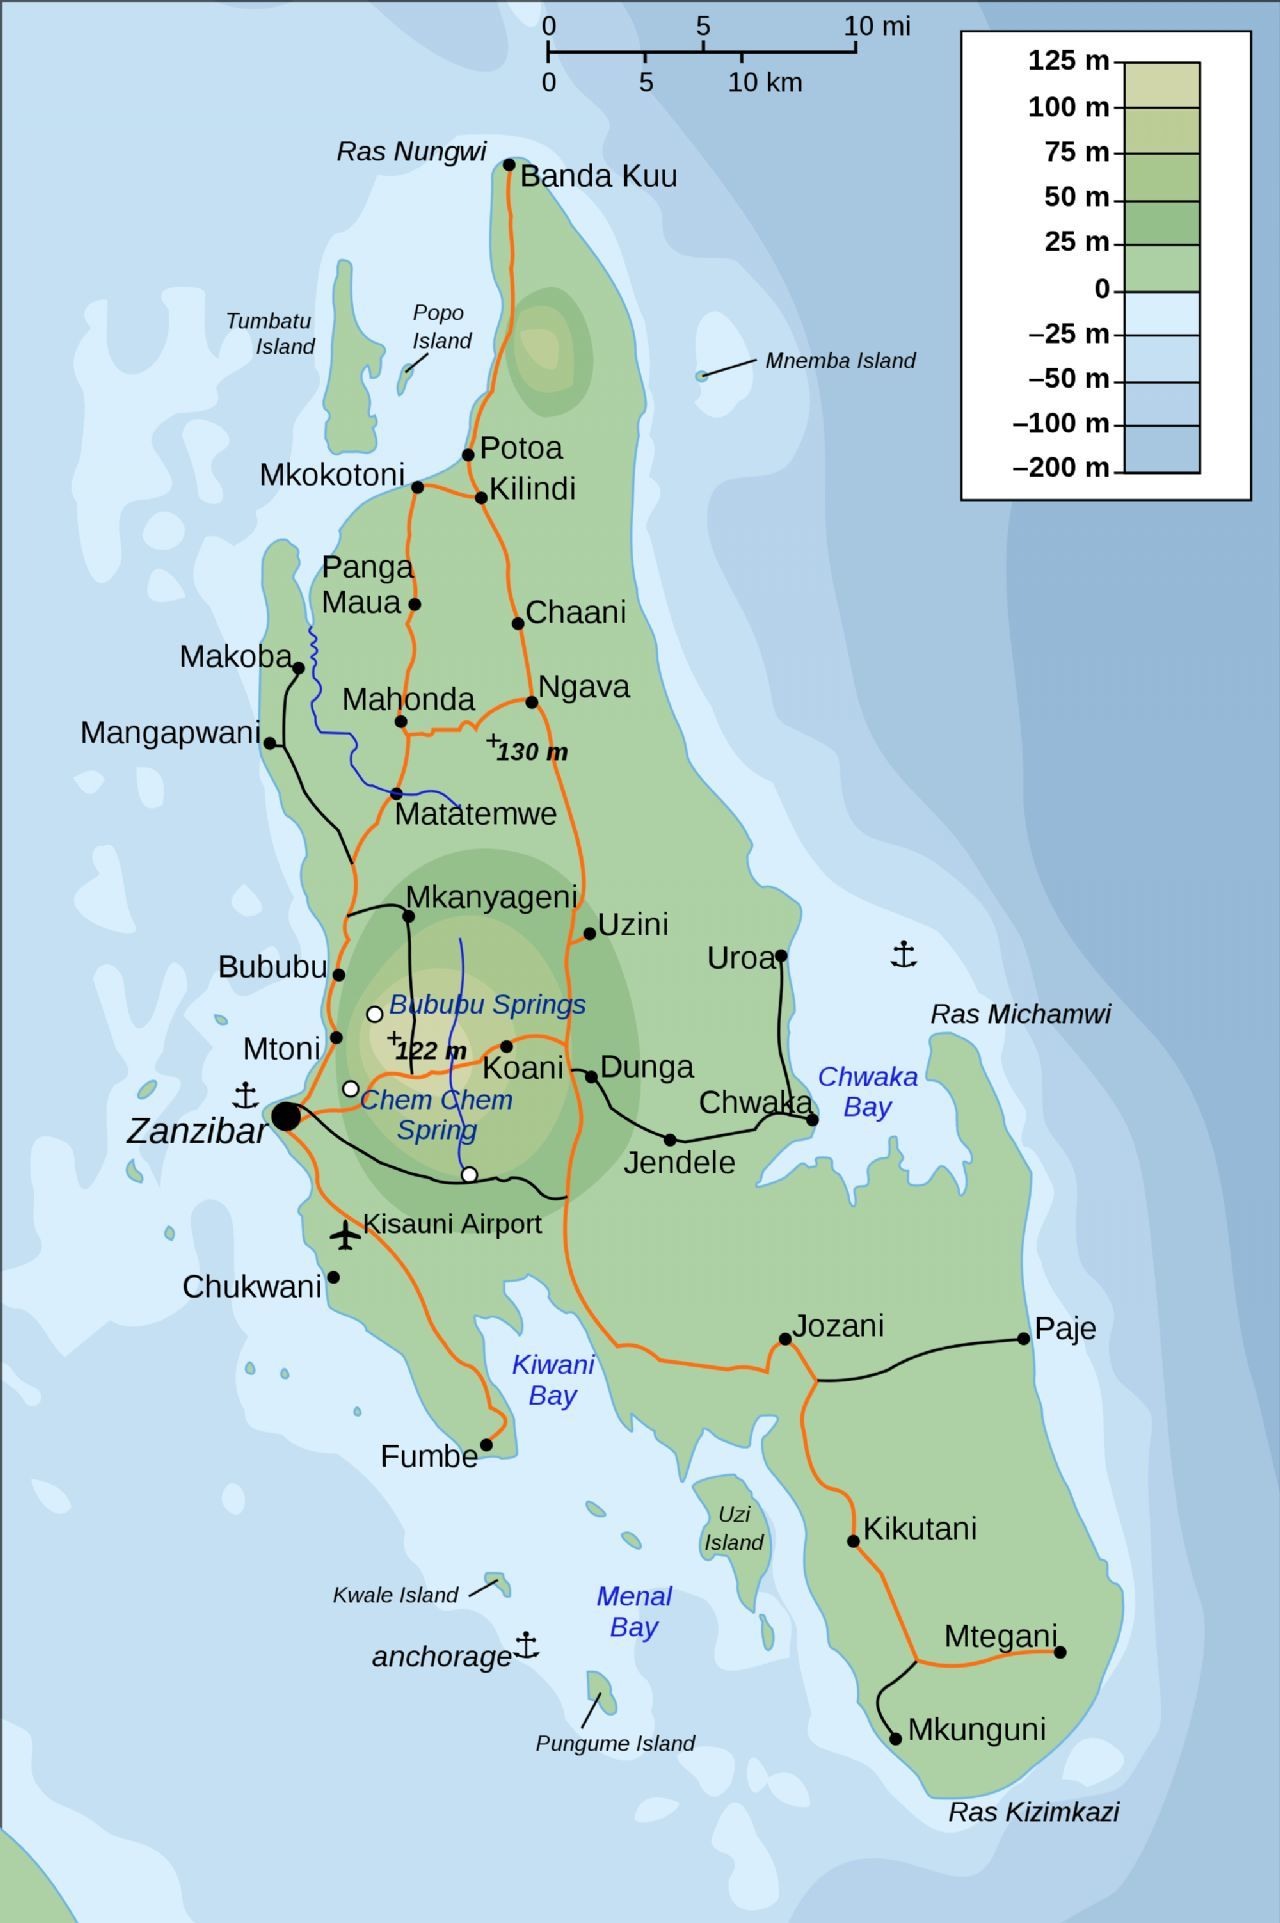 topographic_map_of_zanzibar